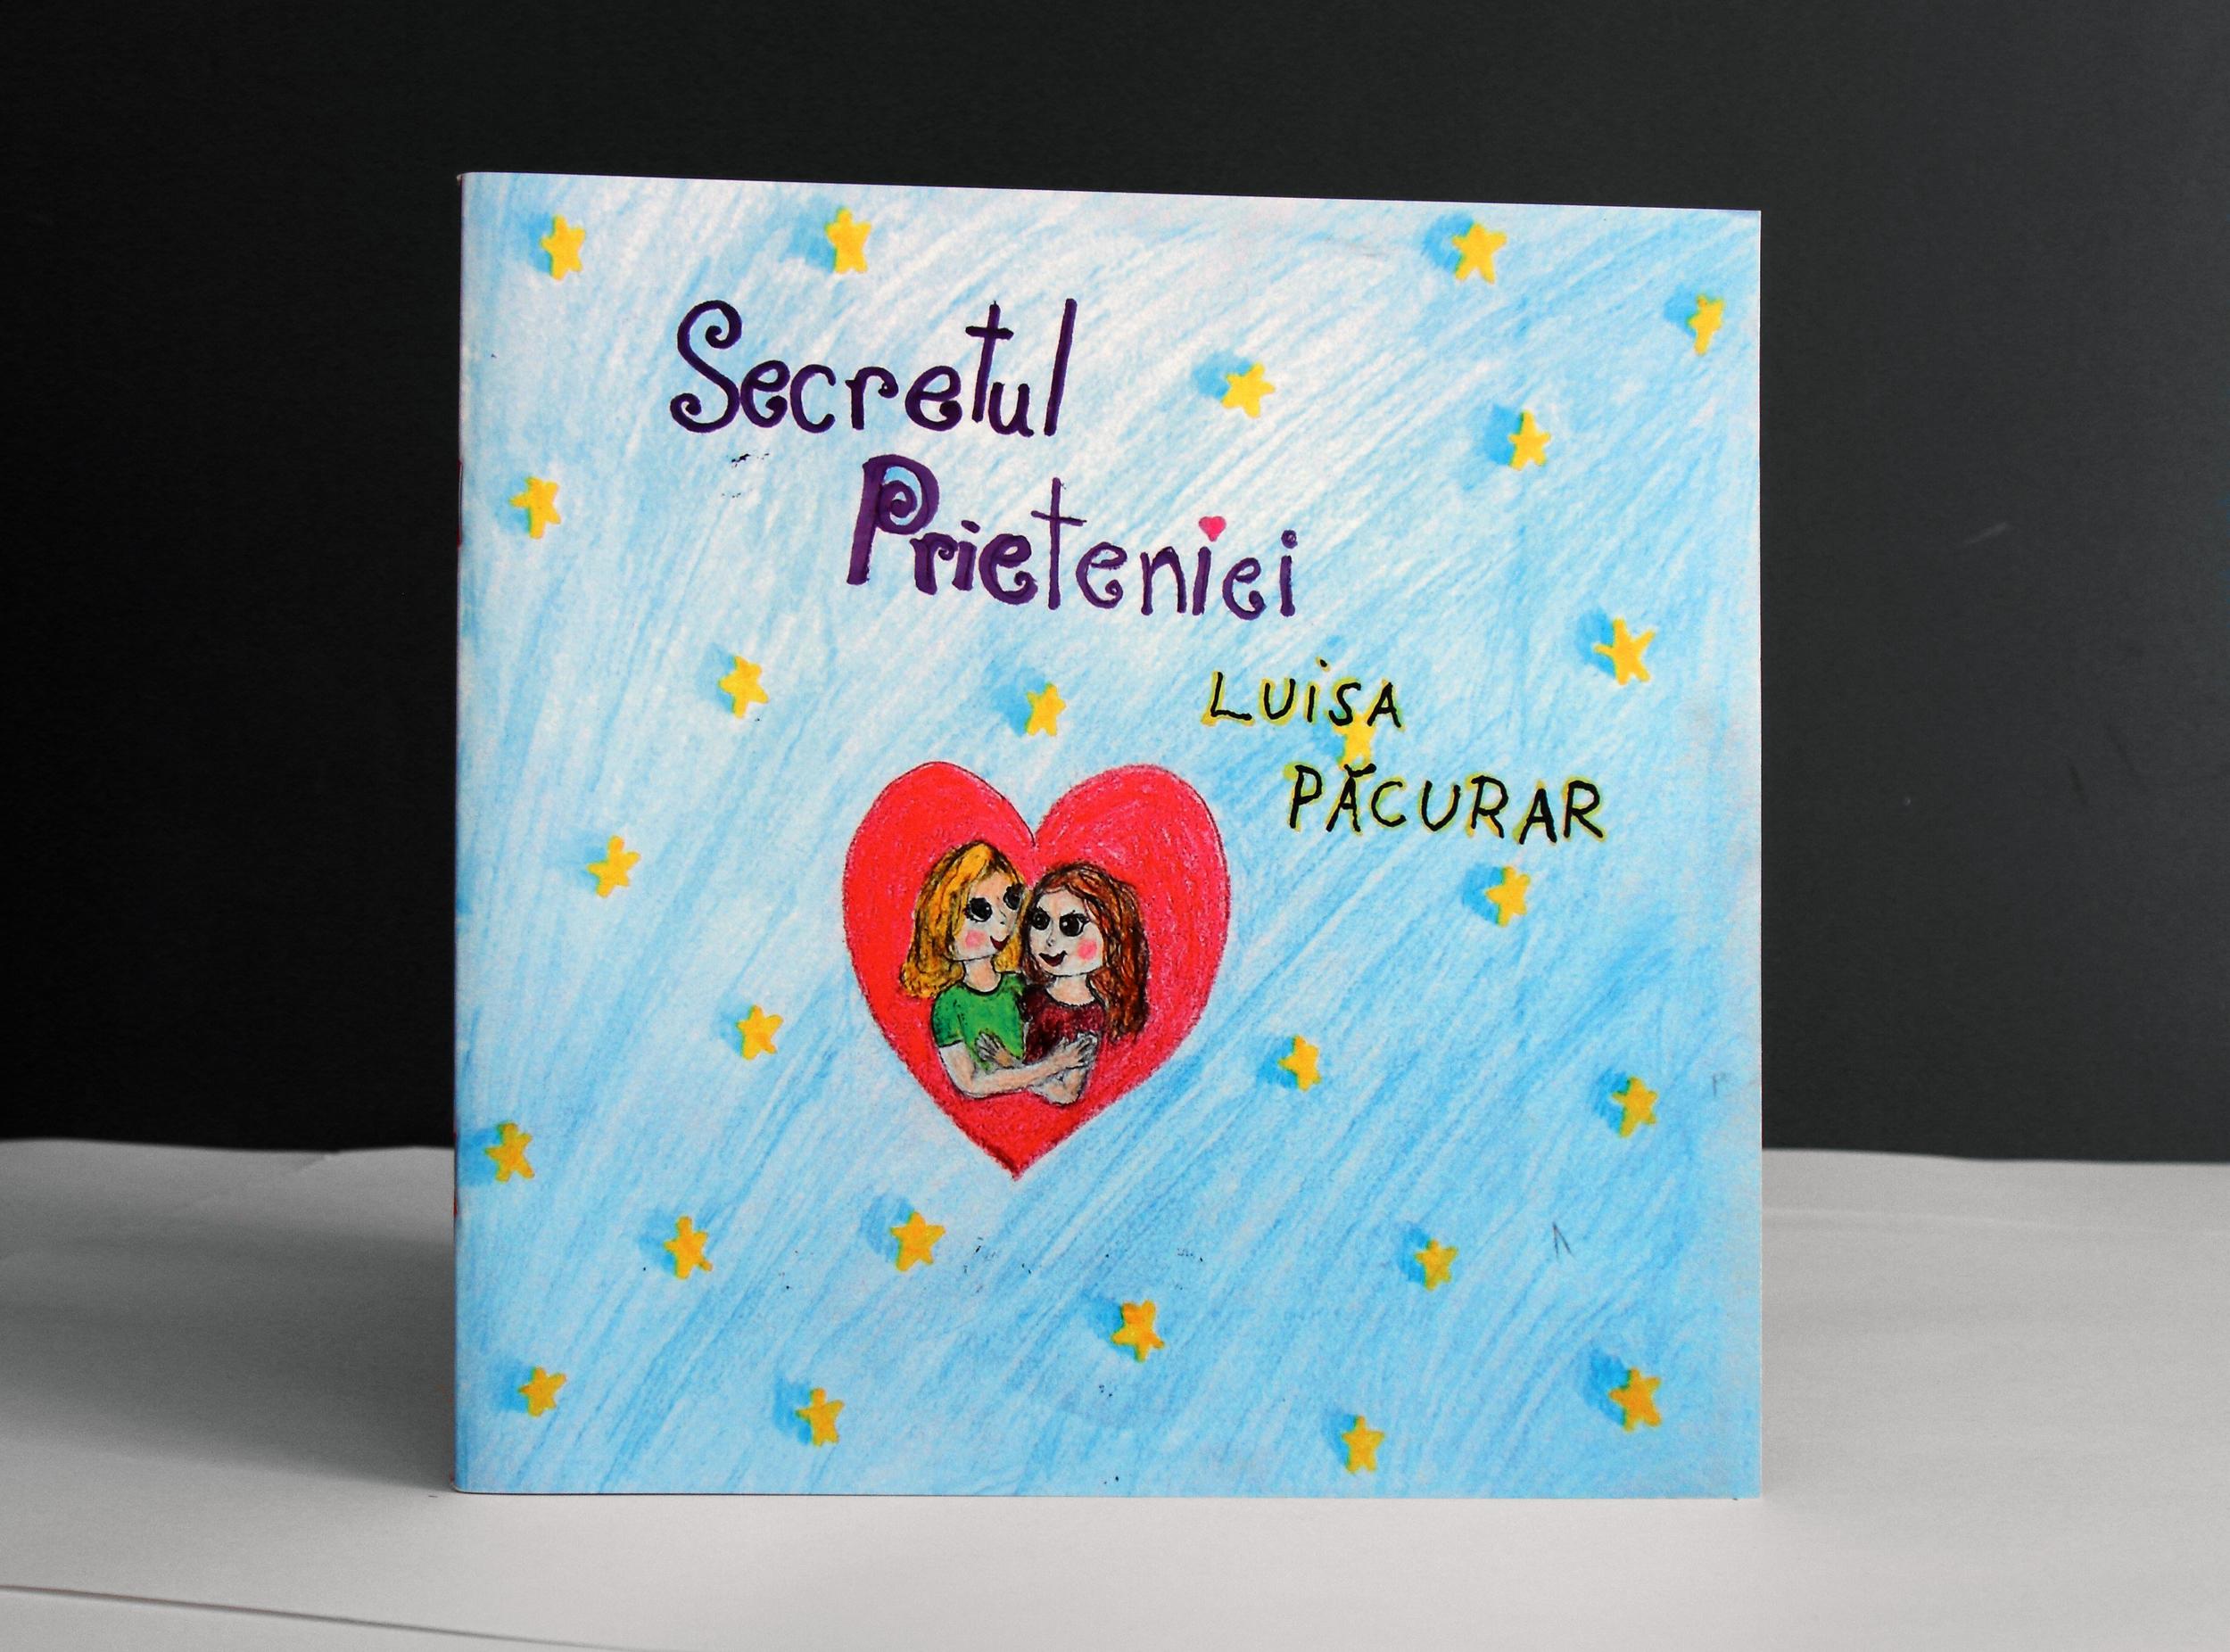 2015_secretul prieteniei_luisa pacurar 01.JPG